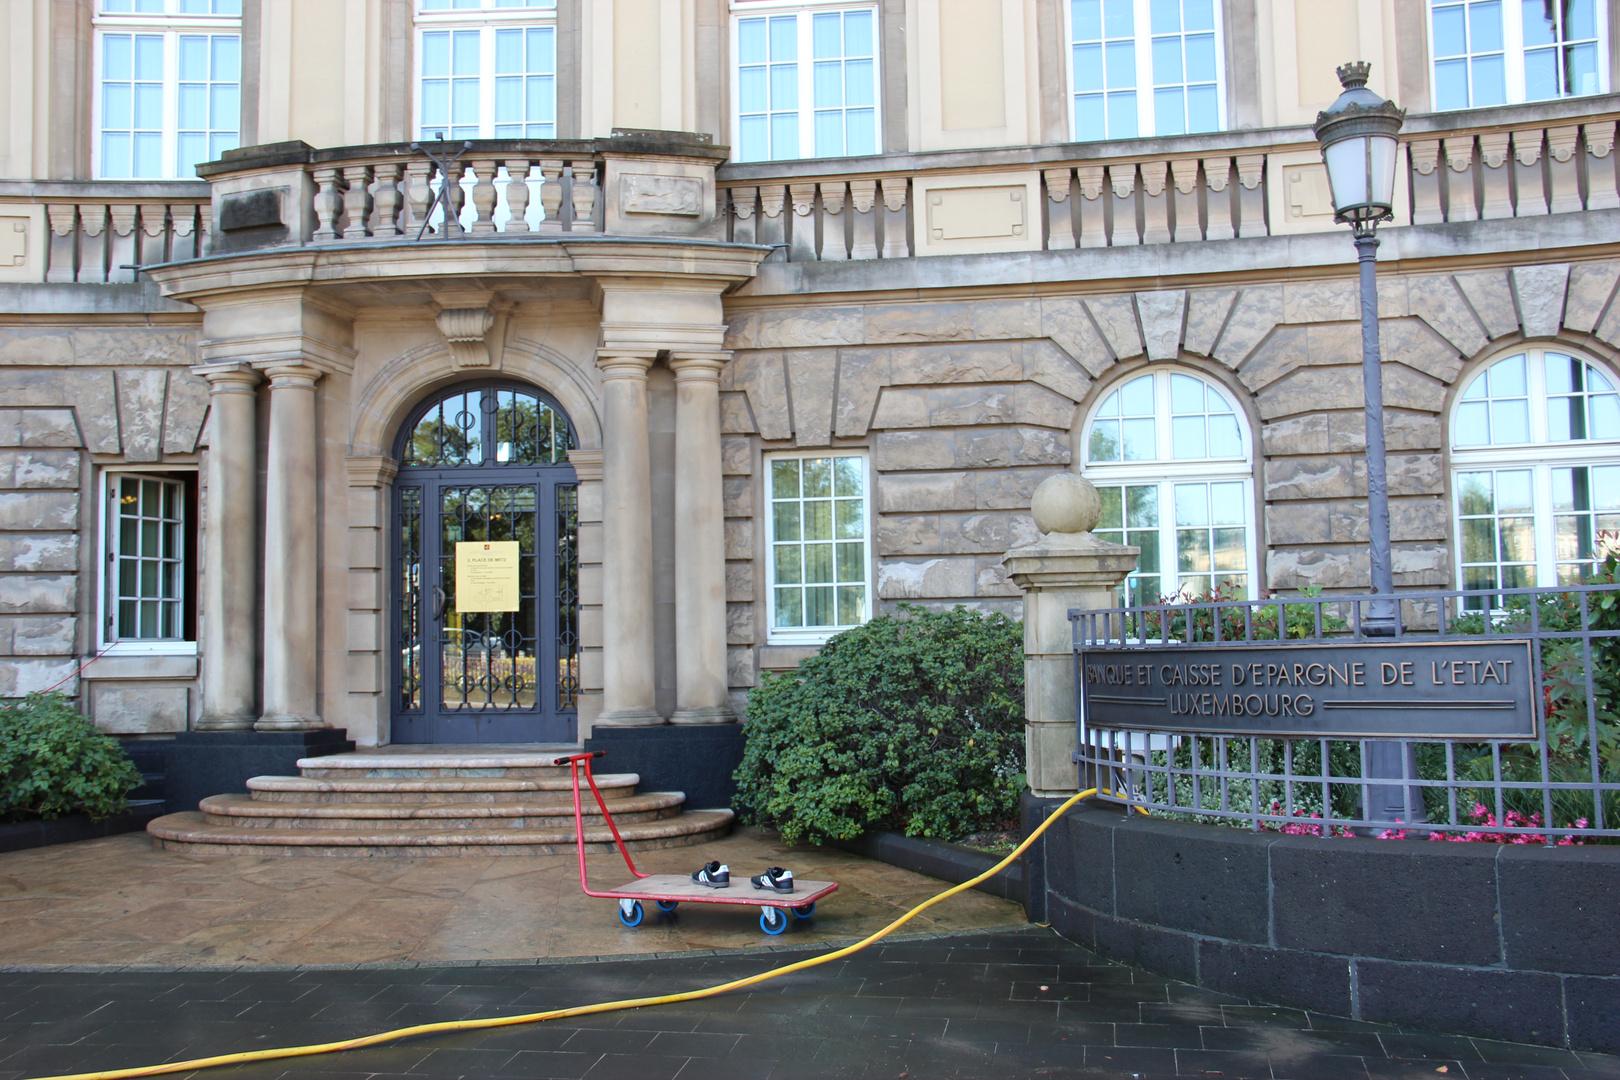 früh morgen vor der Banktür in Luxemburg